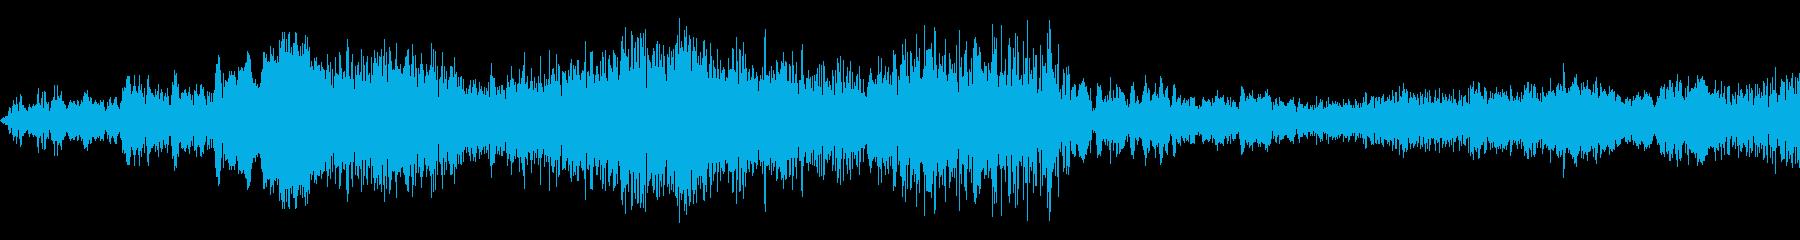 シャープなノイズ遷移の再生済みの波形